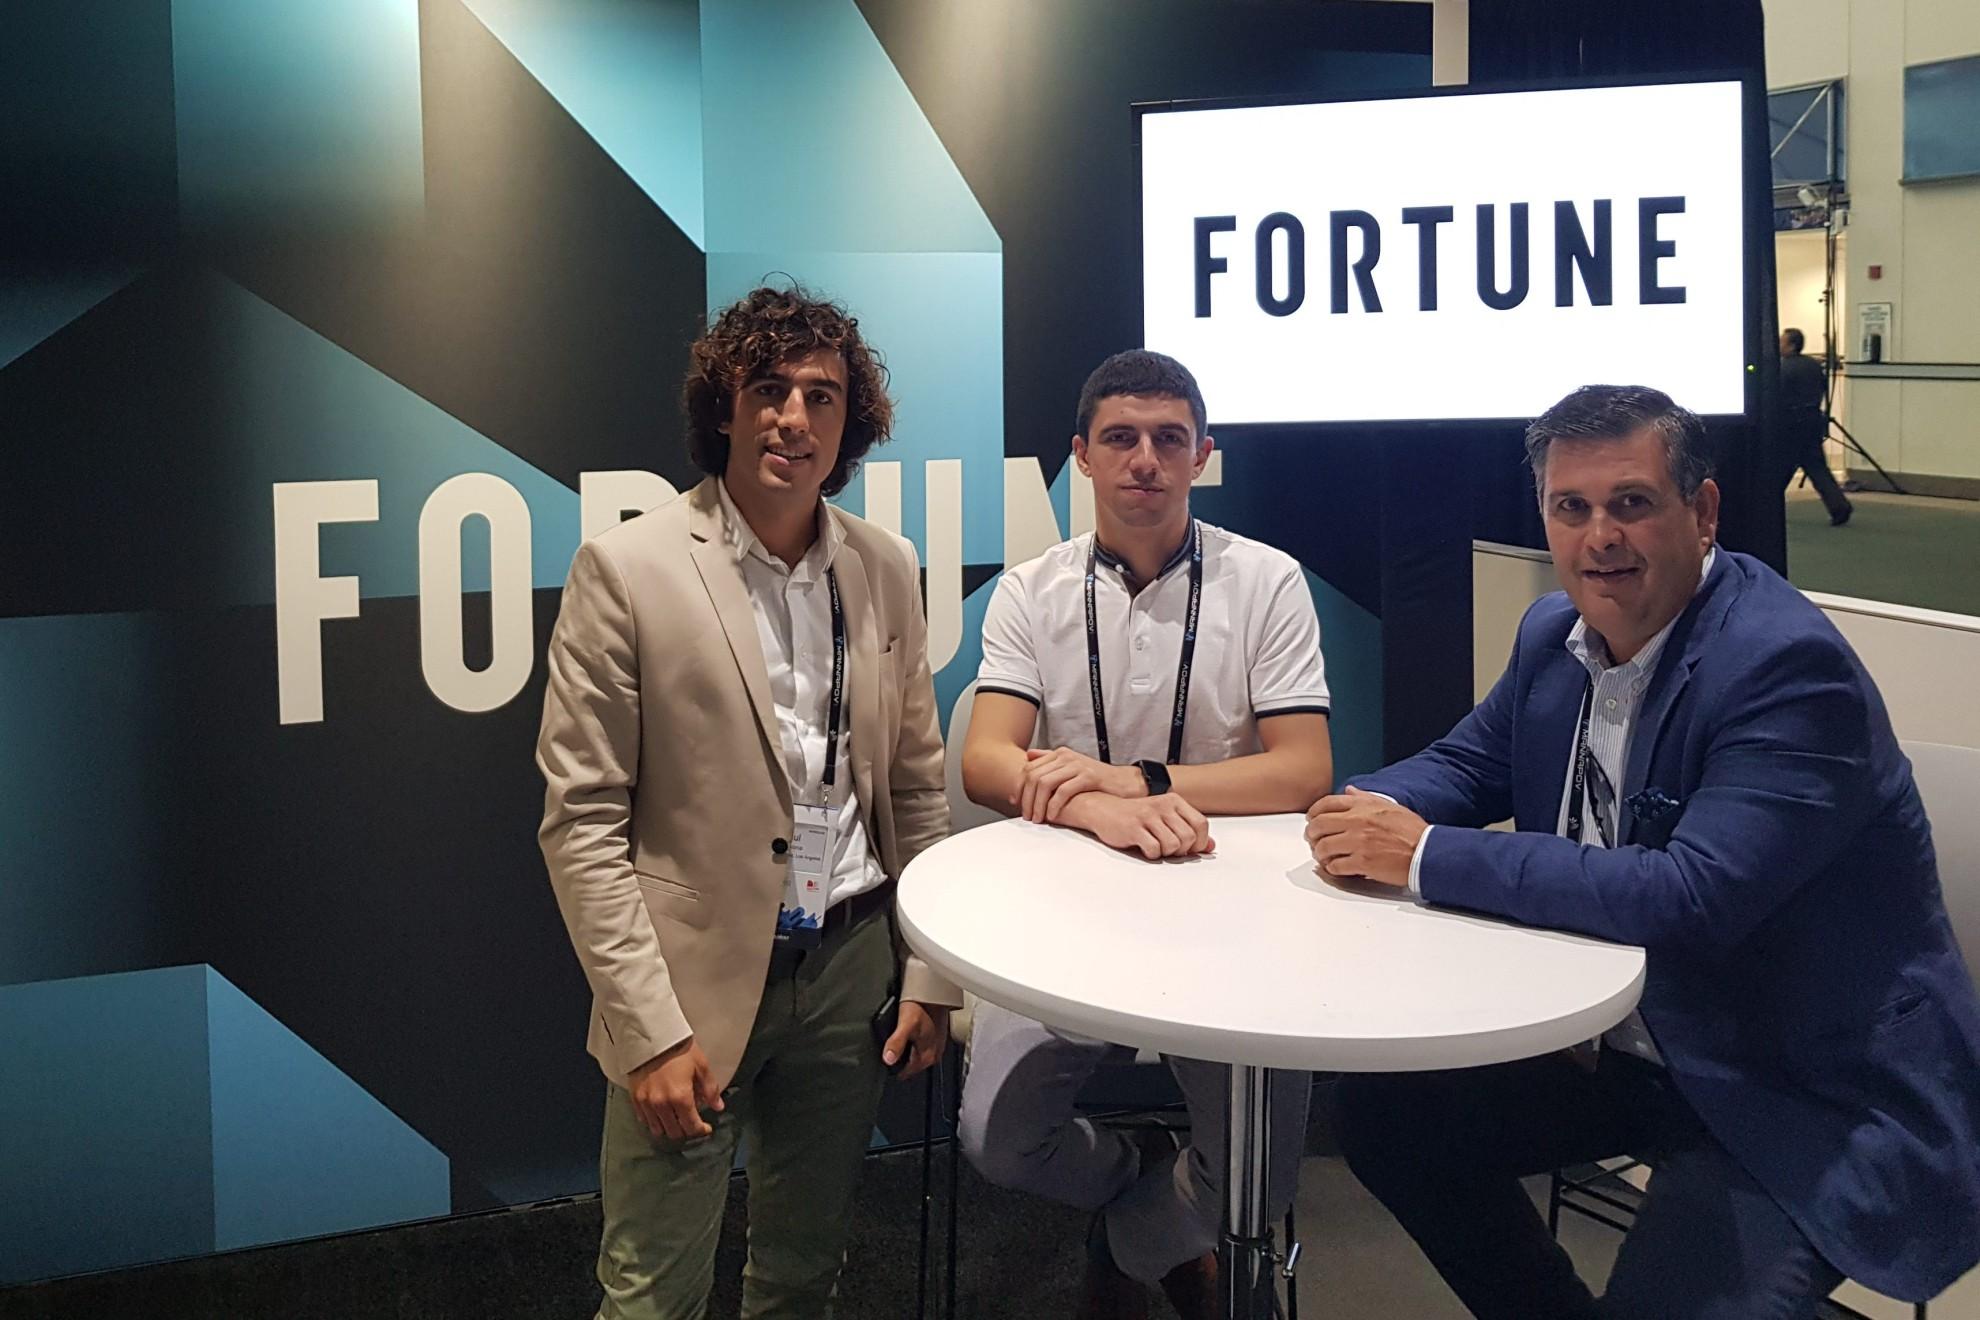 Entrevista en Fortune